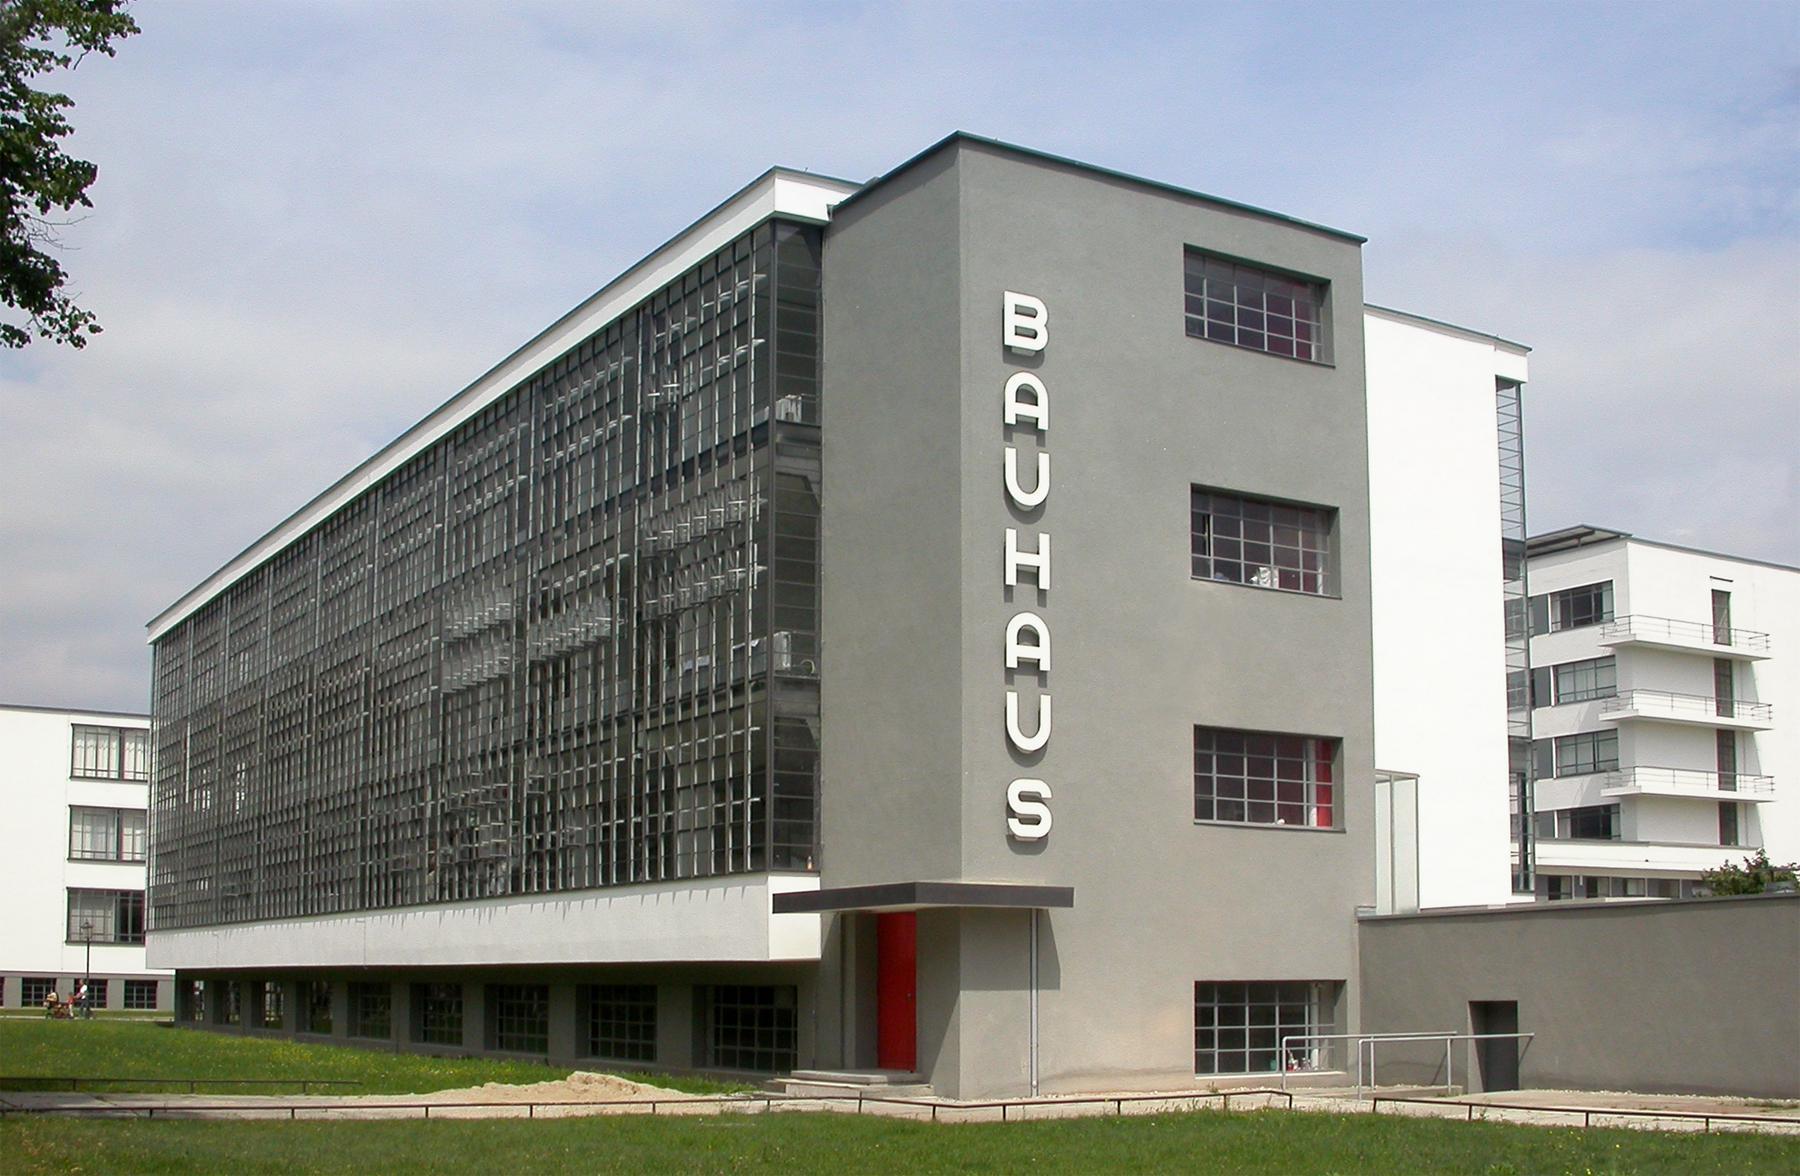 Il Bauhaus a Dessau